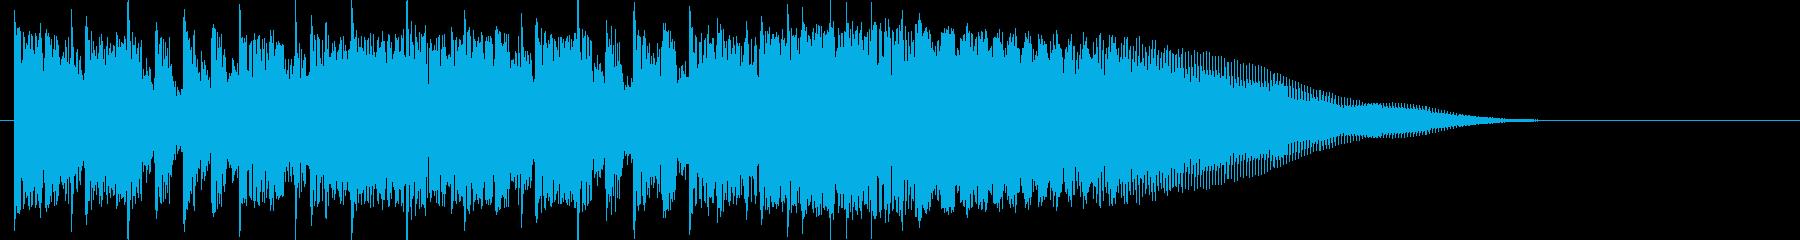 カントリー風ギターイントロ-02の再生済みの波形